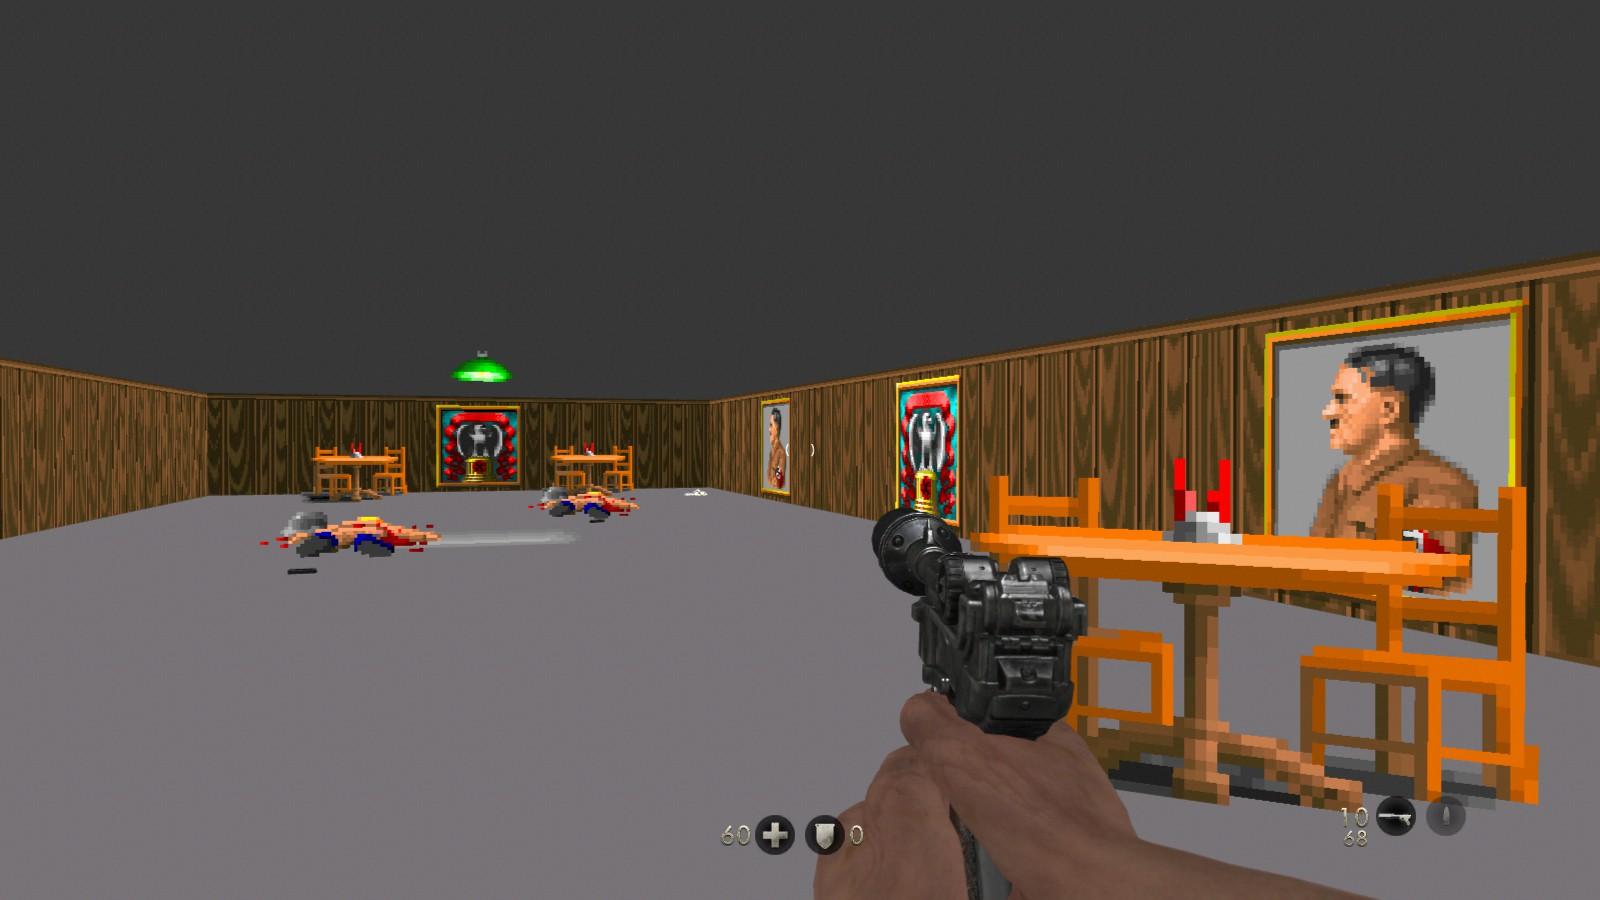 20170729191214_1.jpg - Wolfenstein: The New Order